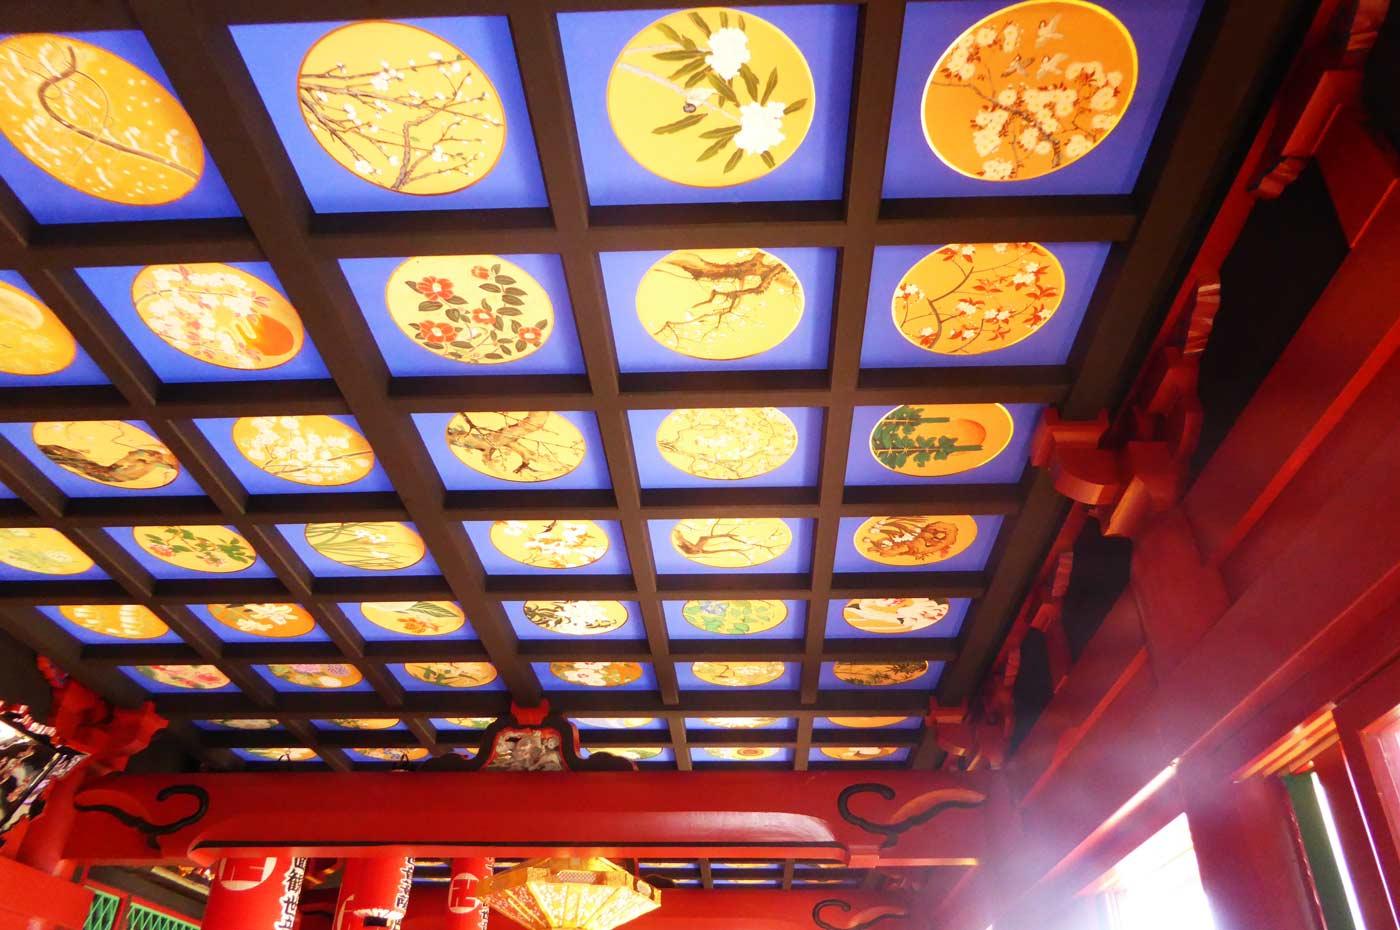 観音堂の天井画1の画像